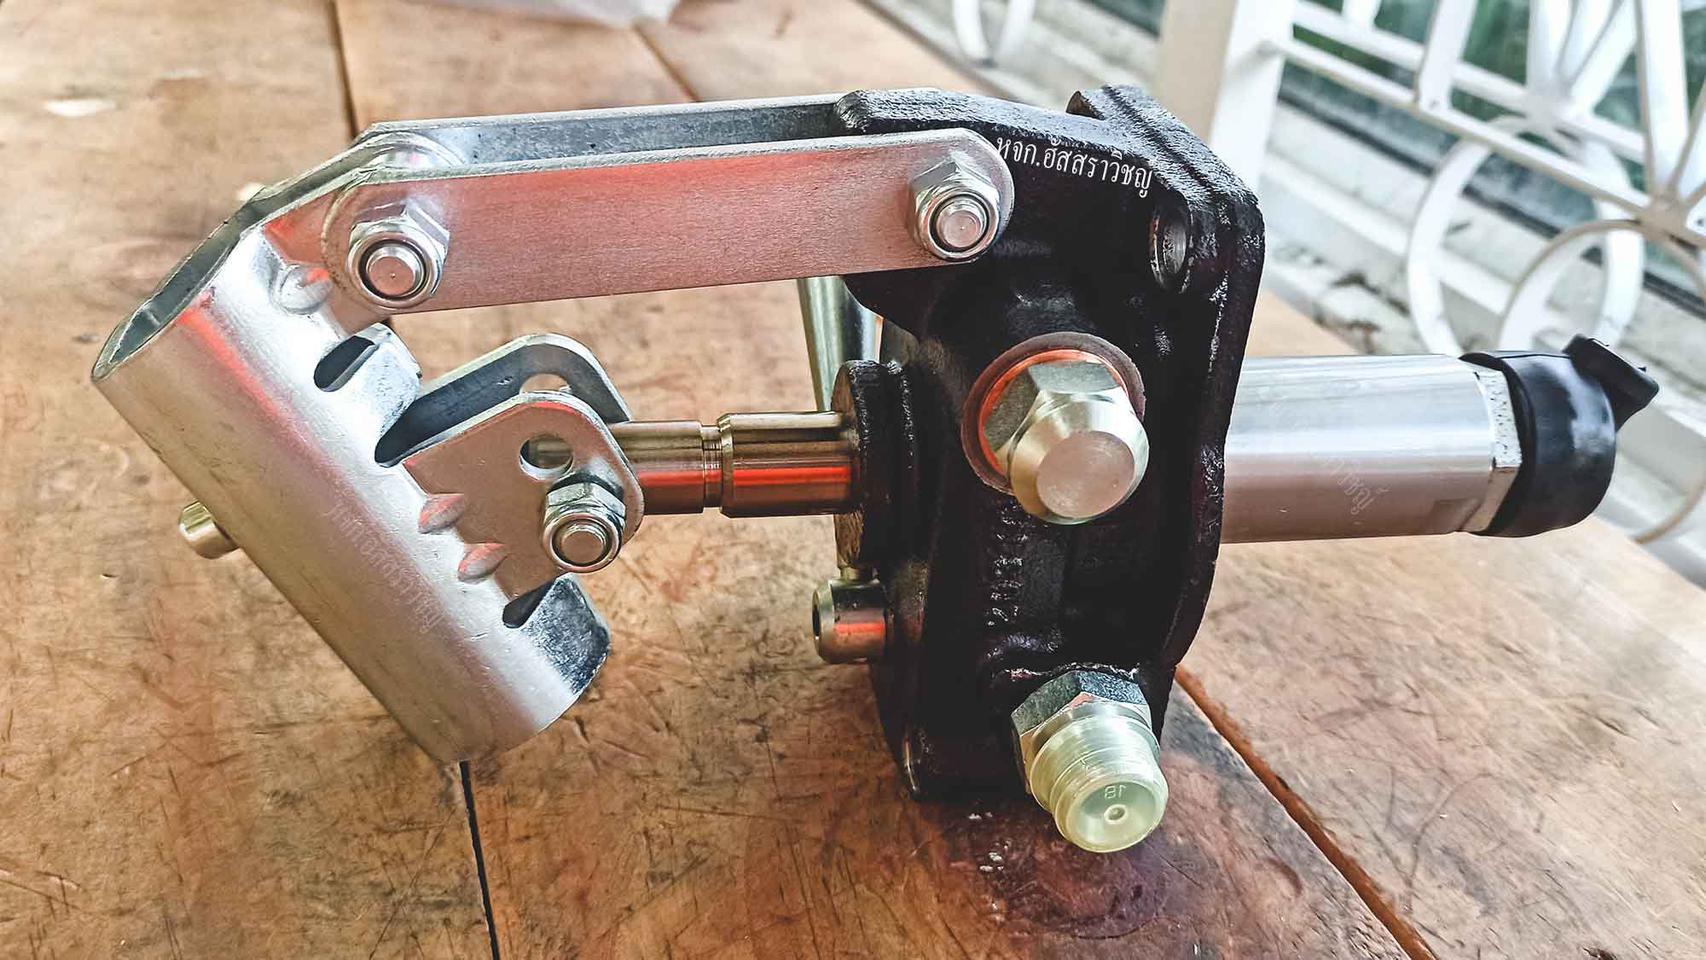 ปั้มมือโยกไฮดรอลิค แบบติดกับถังน้ำมัน (HAND PUMPS FOR TANK MOUNTING) ยี่ห้อ OLEO รุ่น PMI series รูปที่ 2